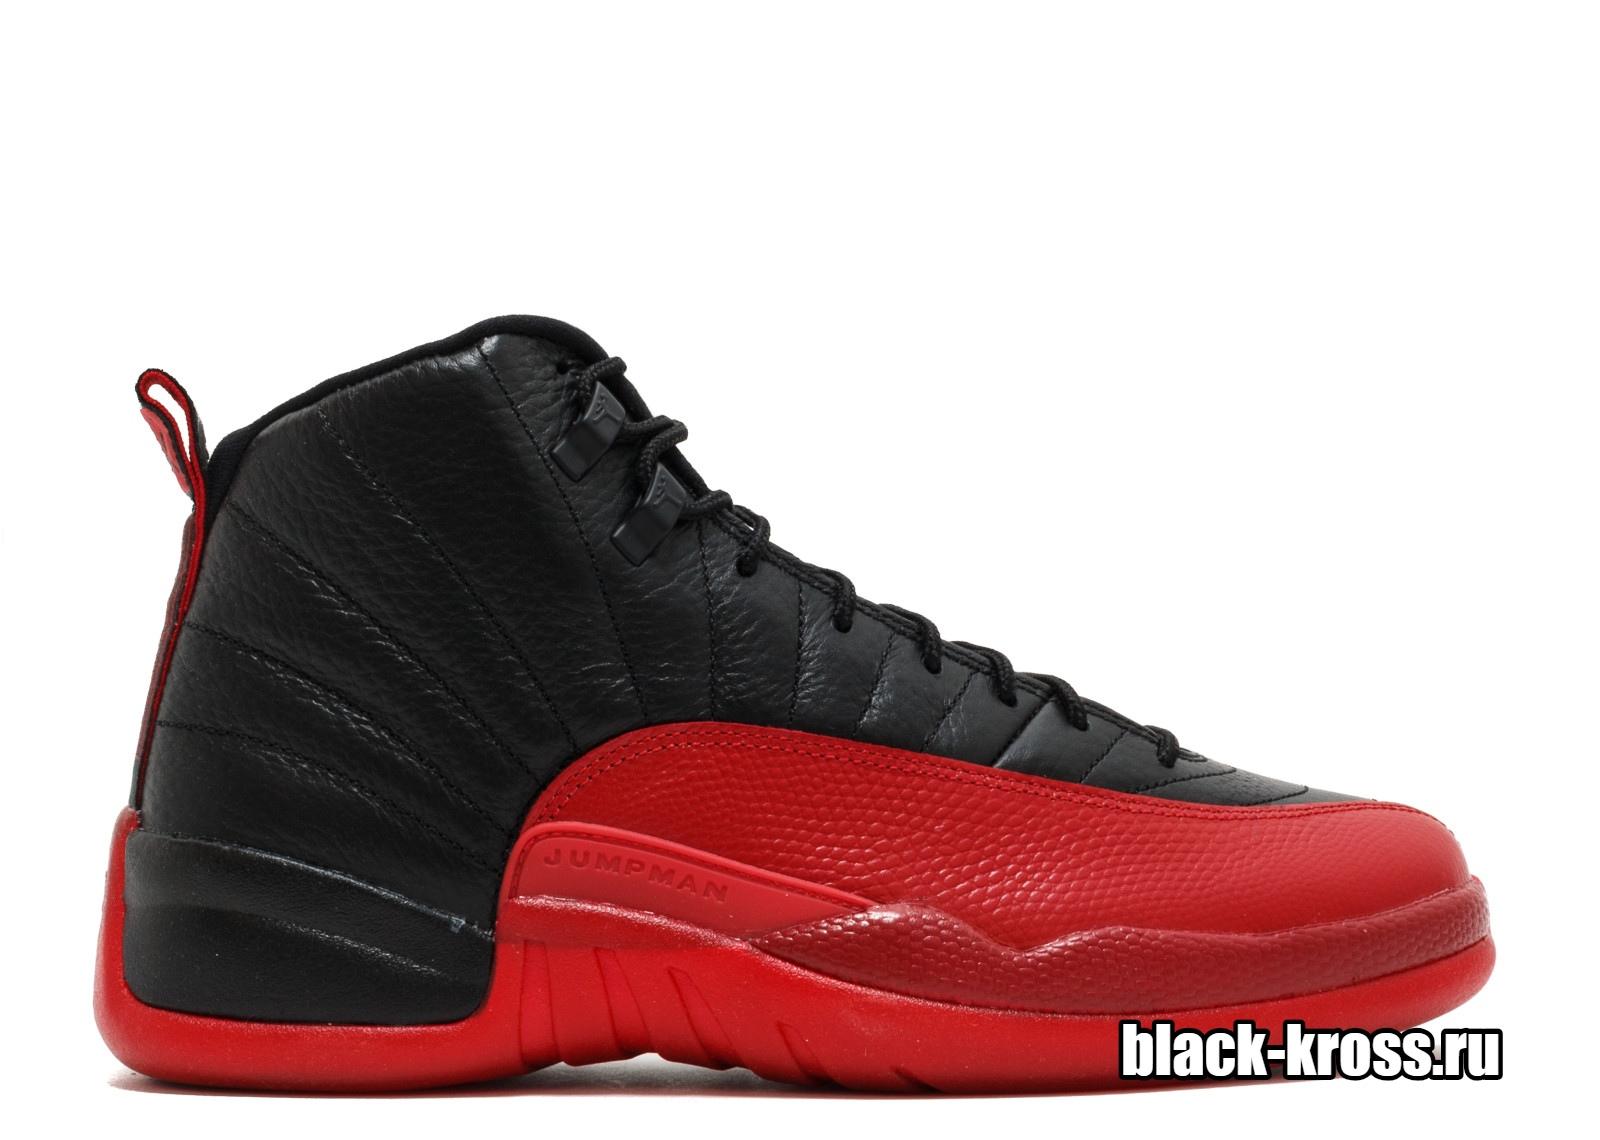 NIKE AIR JORDAN 12 RETRO Black & Red (41-46)